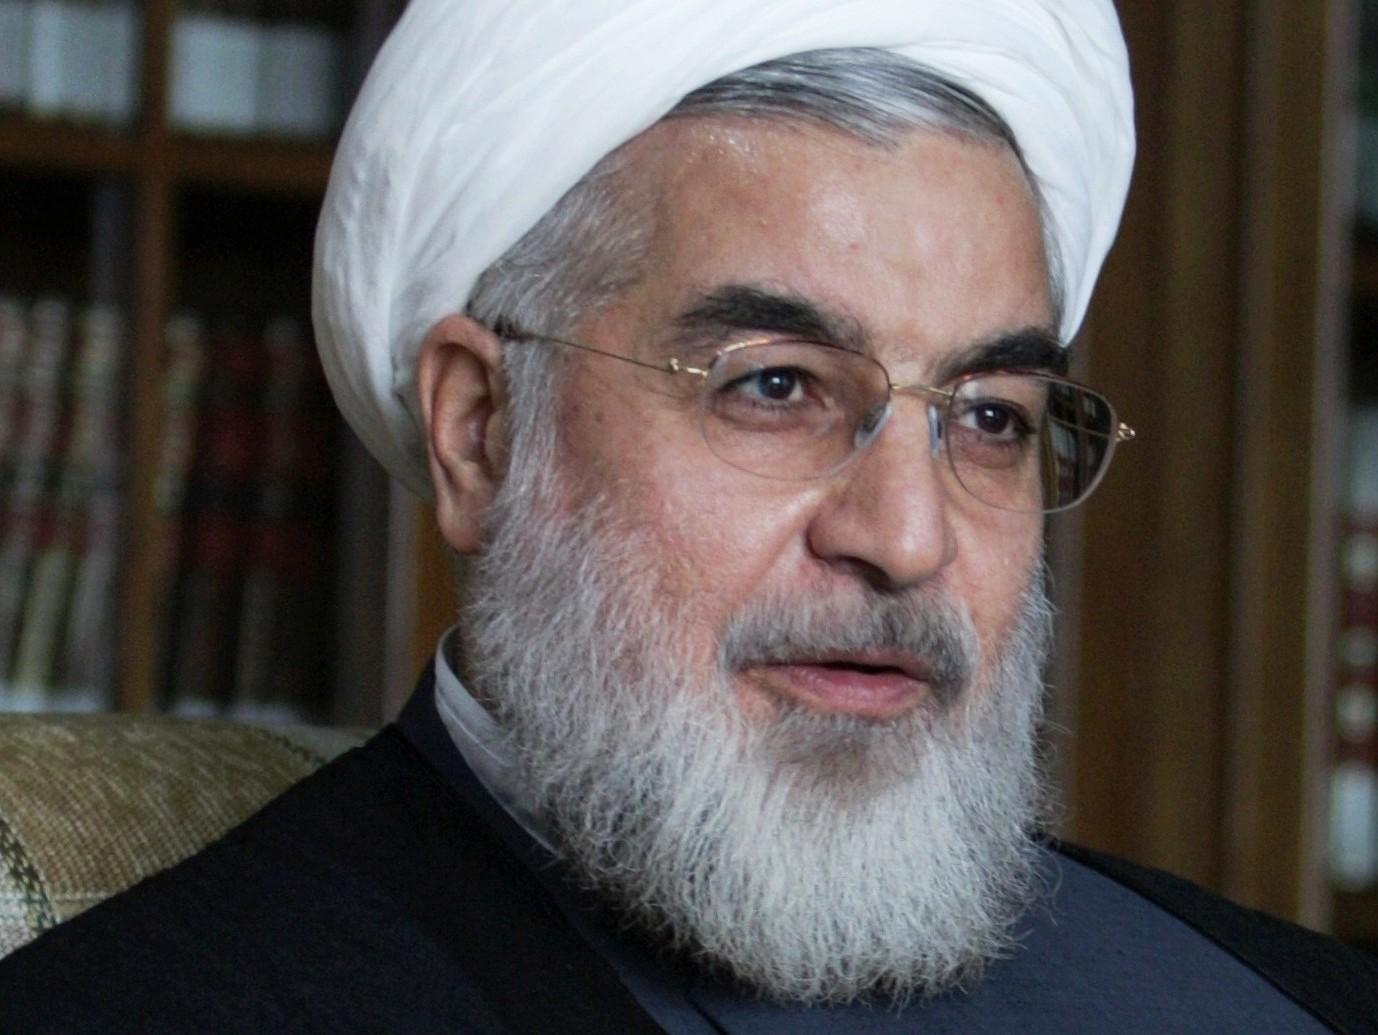 פרשנות | סגול עמוק: בעקבות ניצחון חסן רוחאני בבחירות לנשיאות איראן